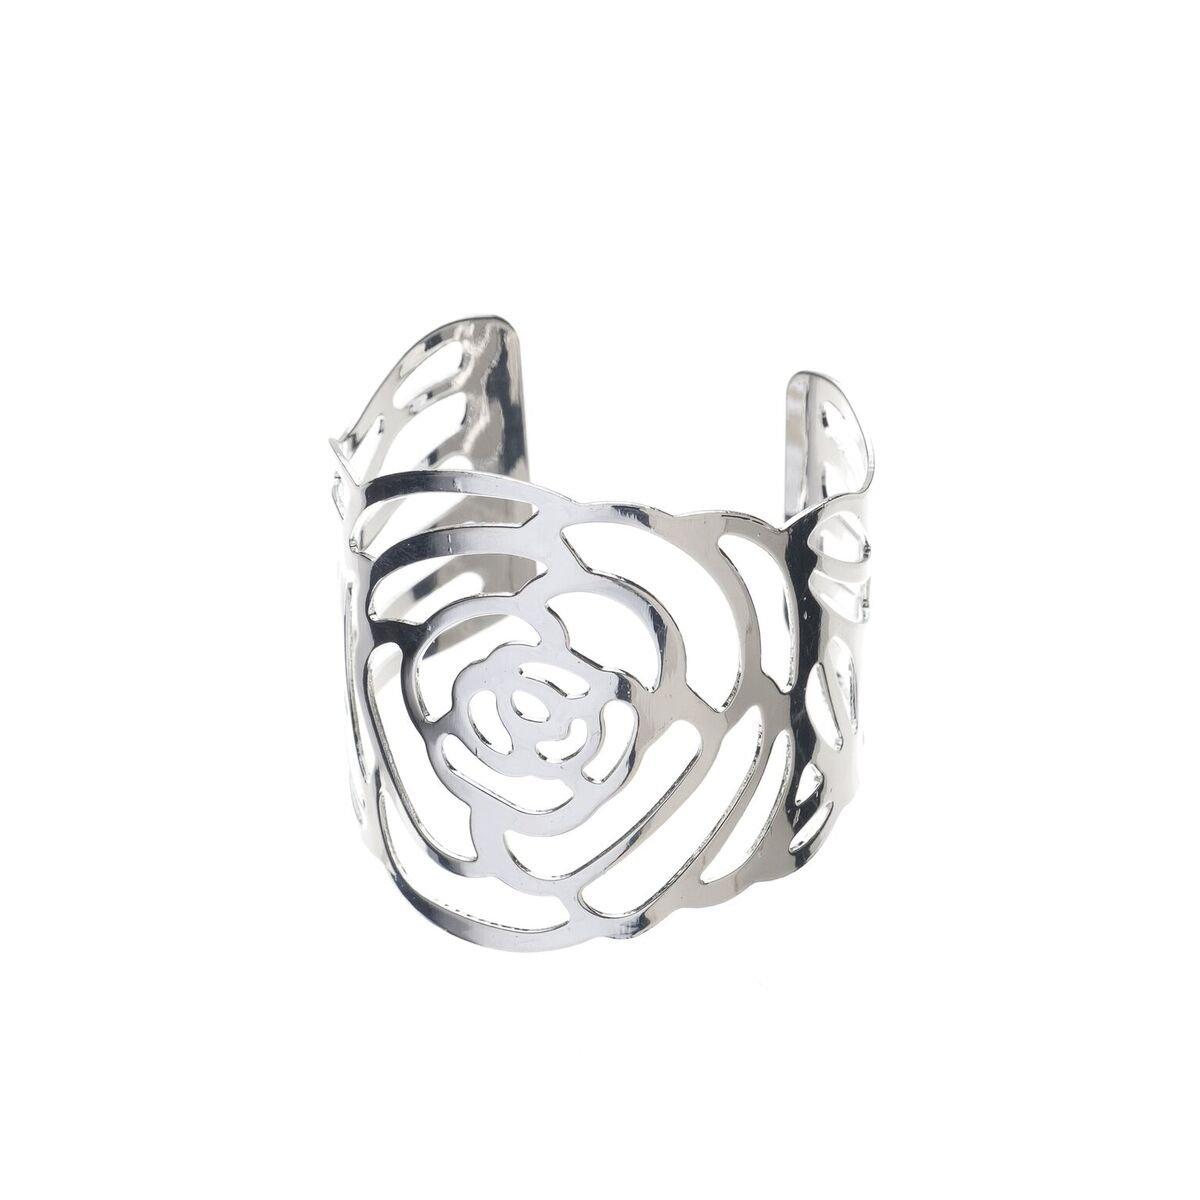 Ella Celebration Metal Rose Flower Napkin Ring Holders, Bulk Napkin Rings for Weddings, Silver Set of 12 (Silver)